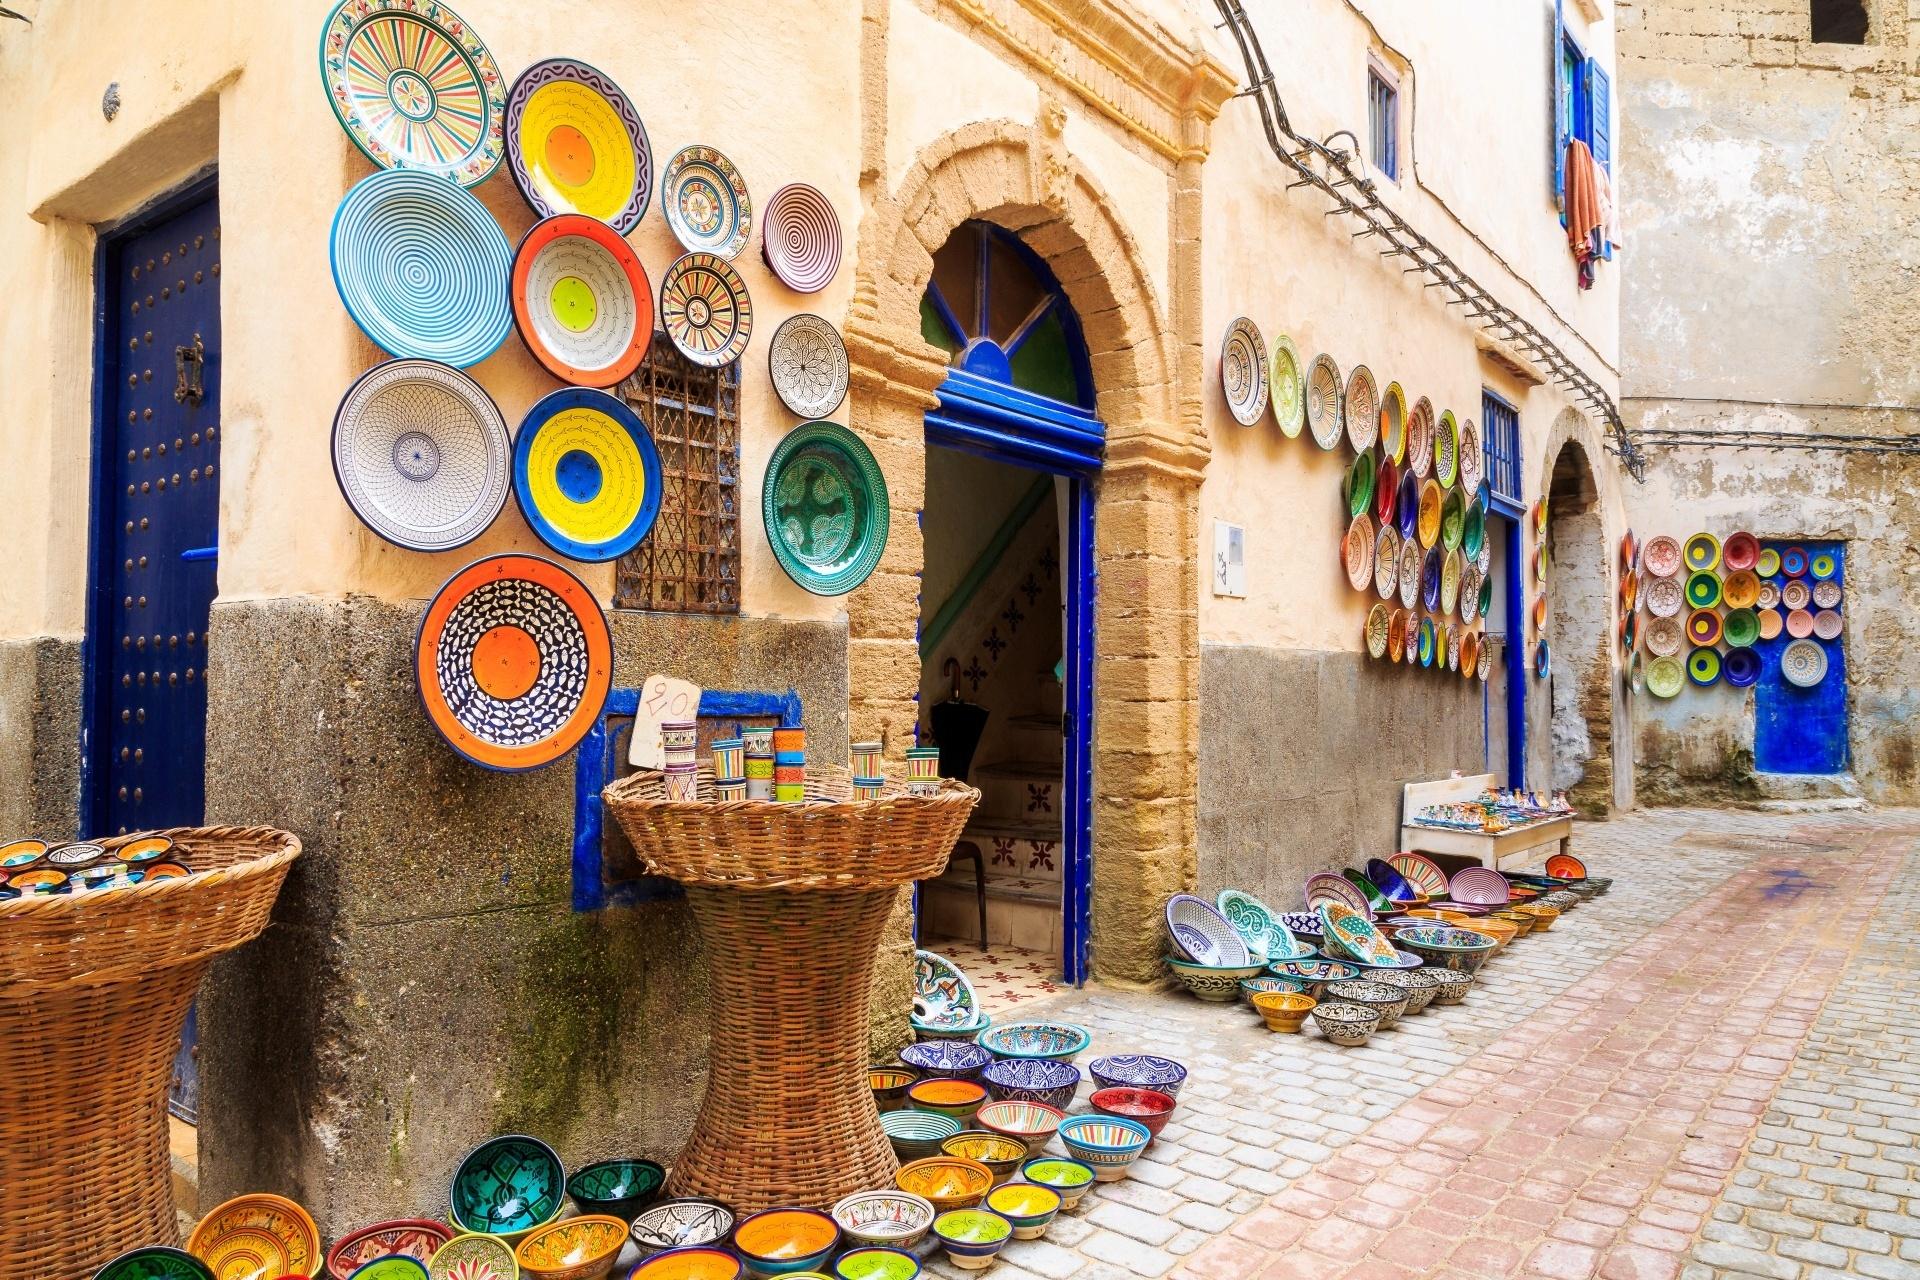 色とりどりの陶器の土産物が並ぶモロッコの町角